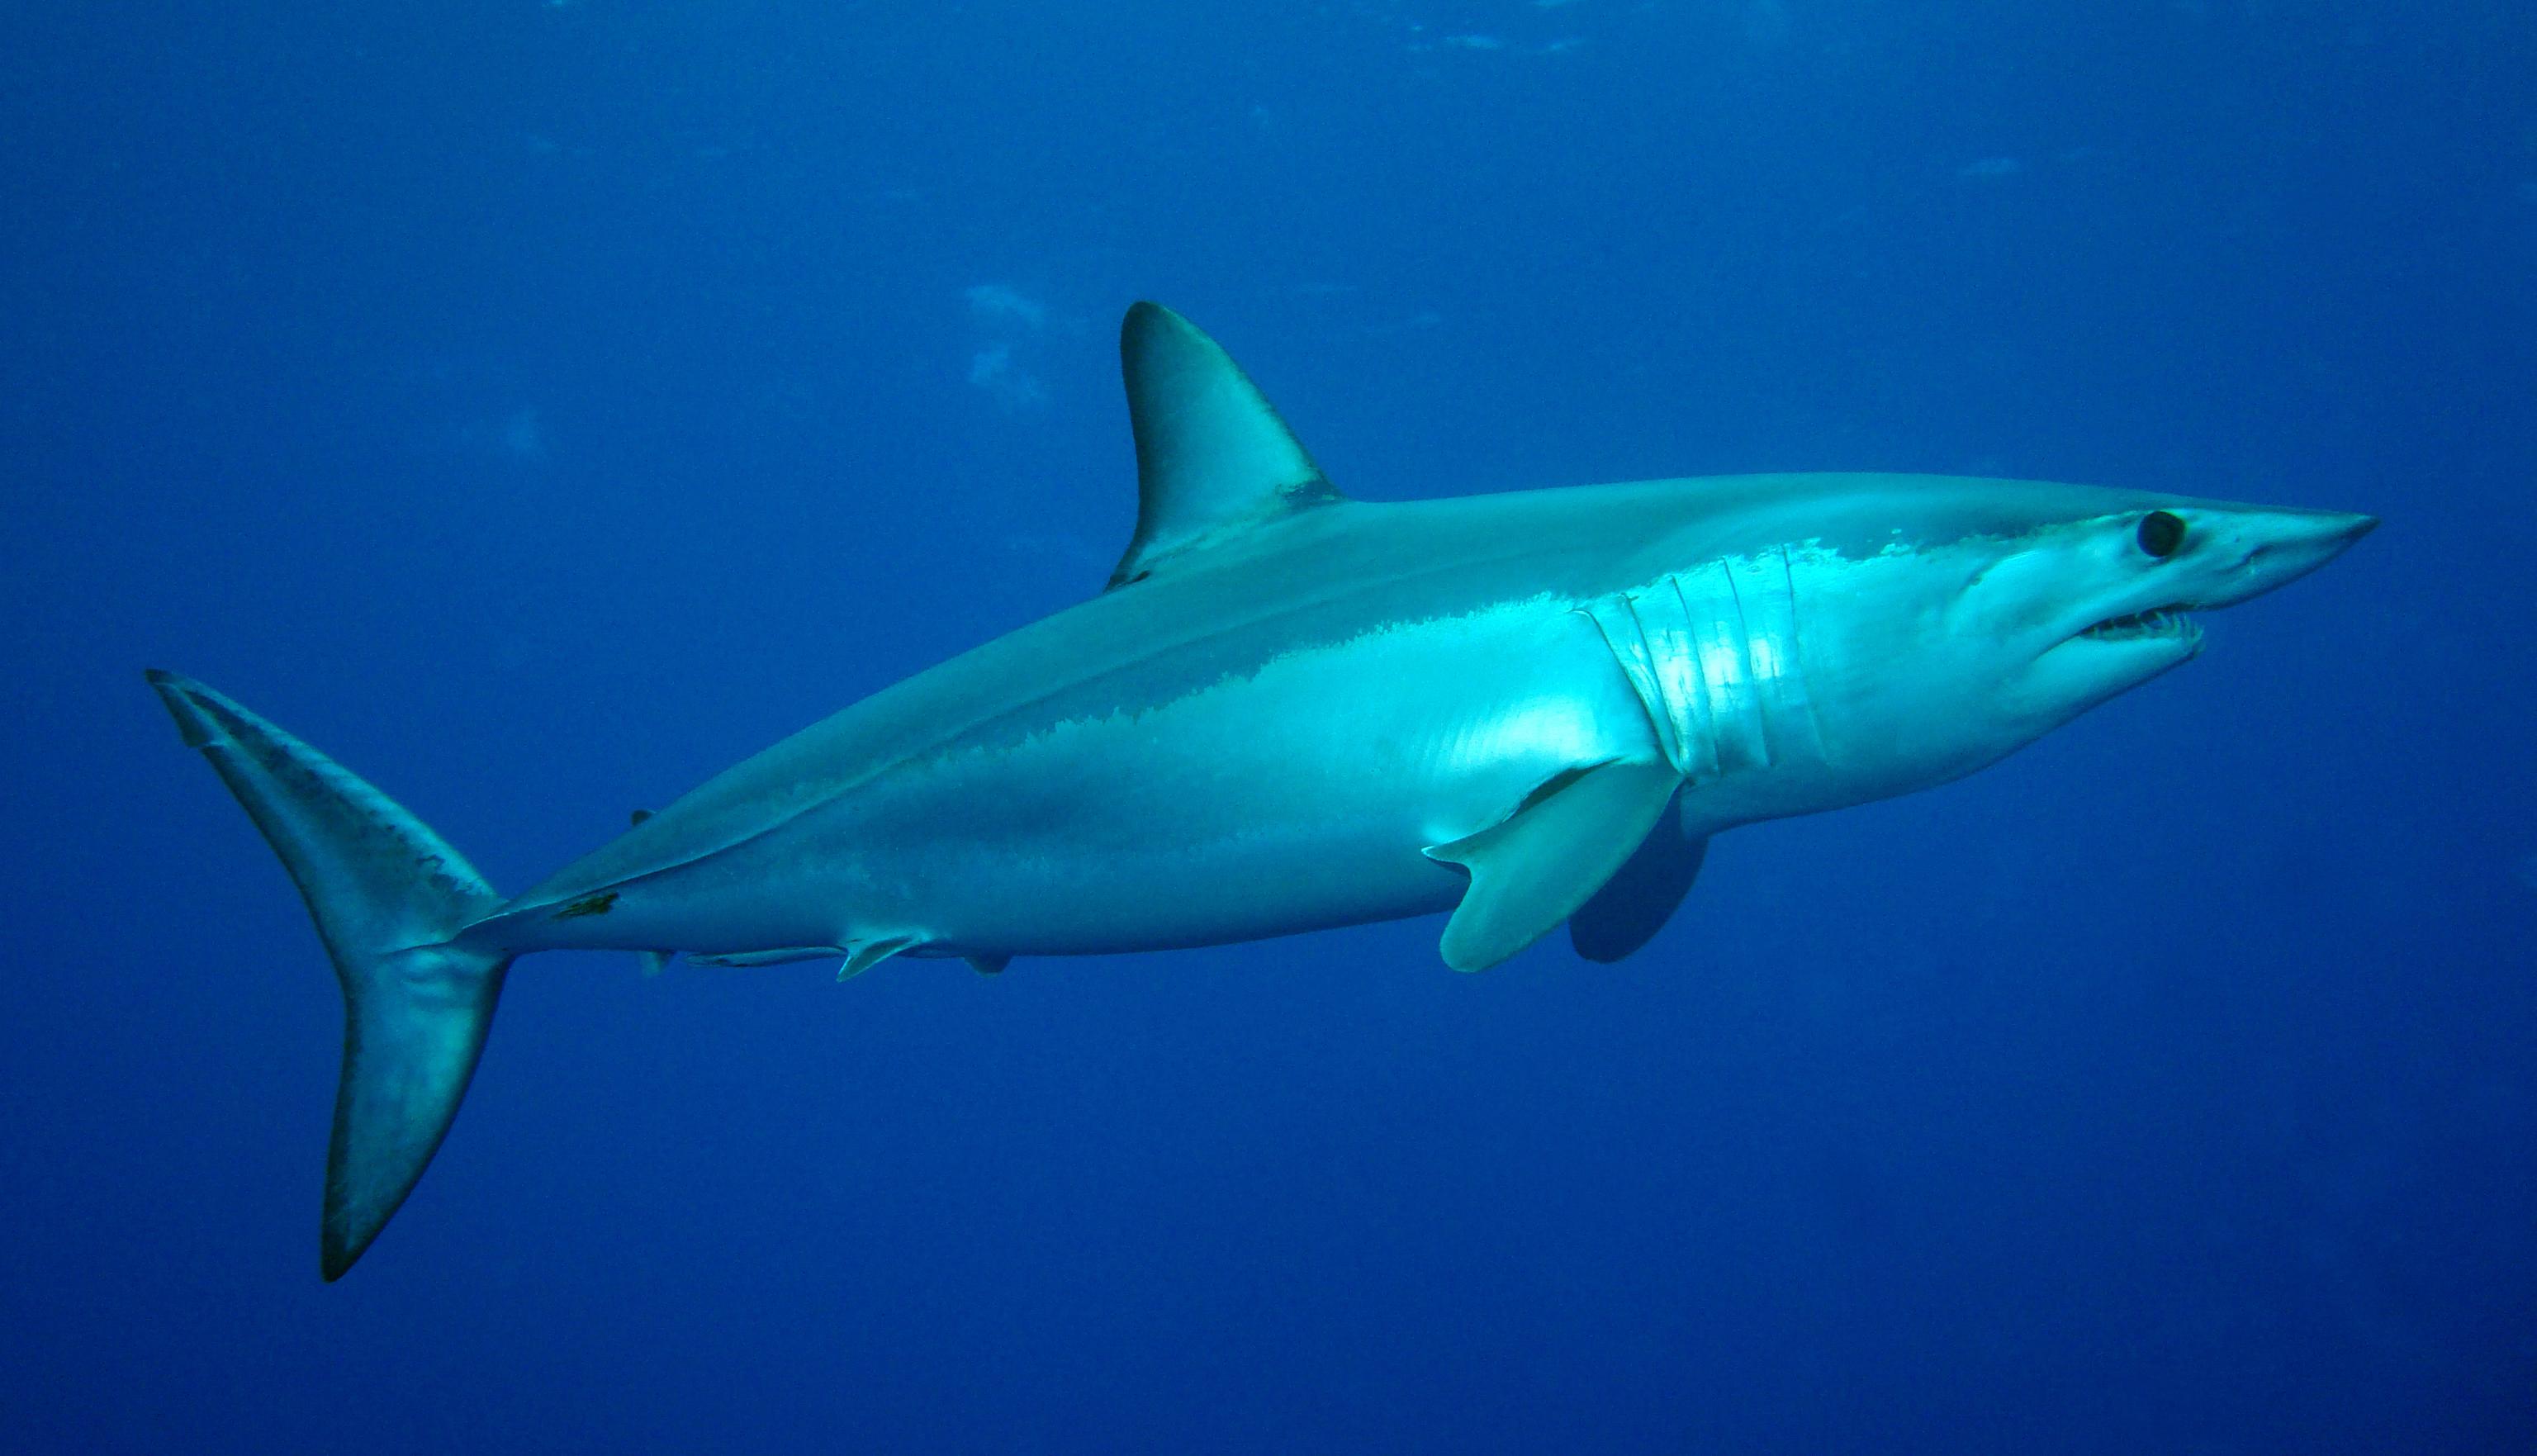 Une vidéo d'un requin tiré hors de l'eau fait le buzz sur internet